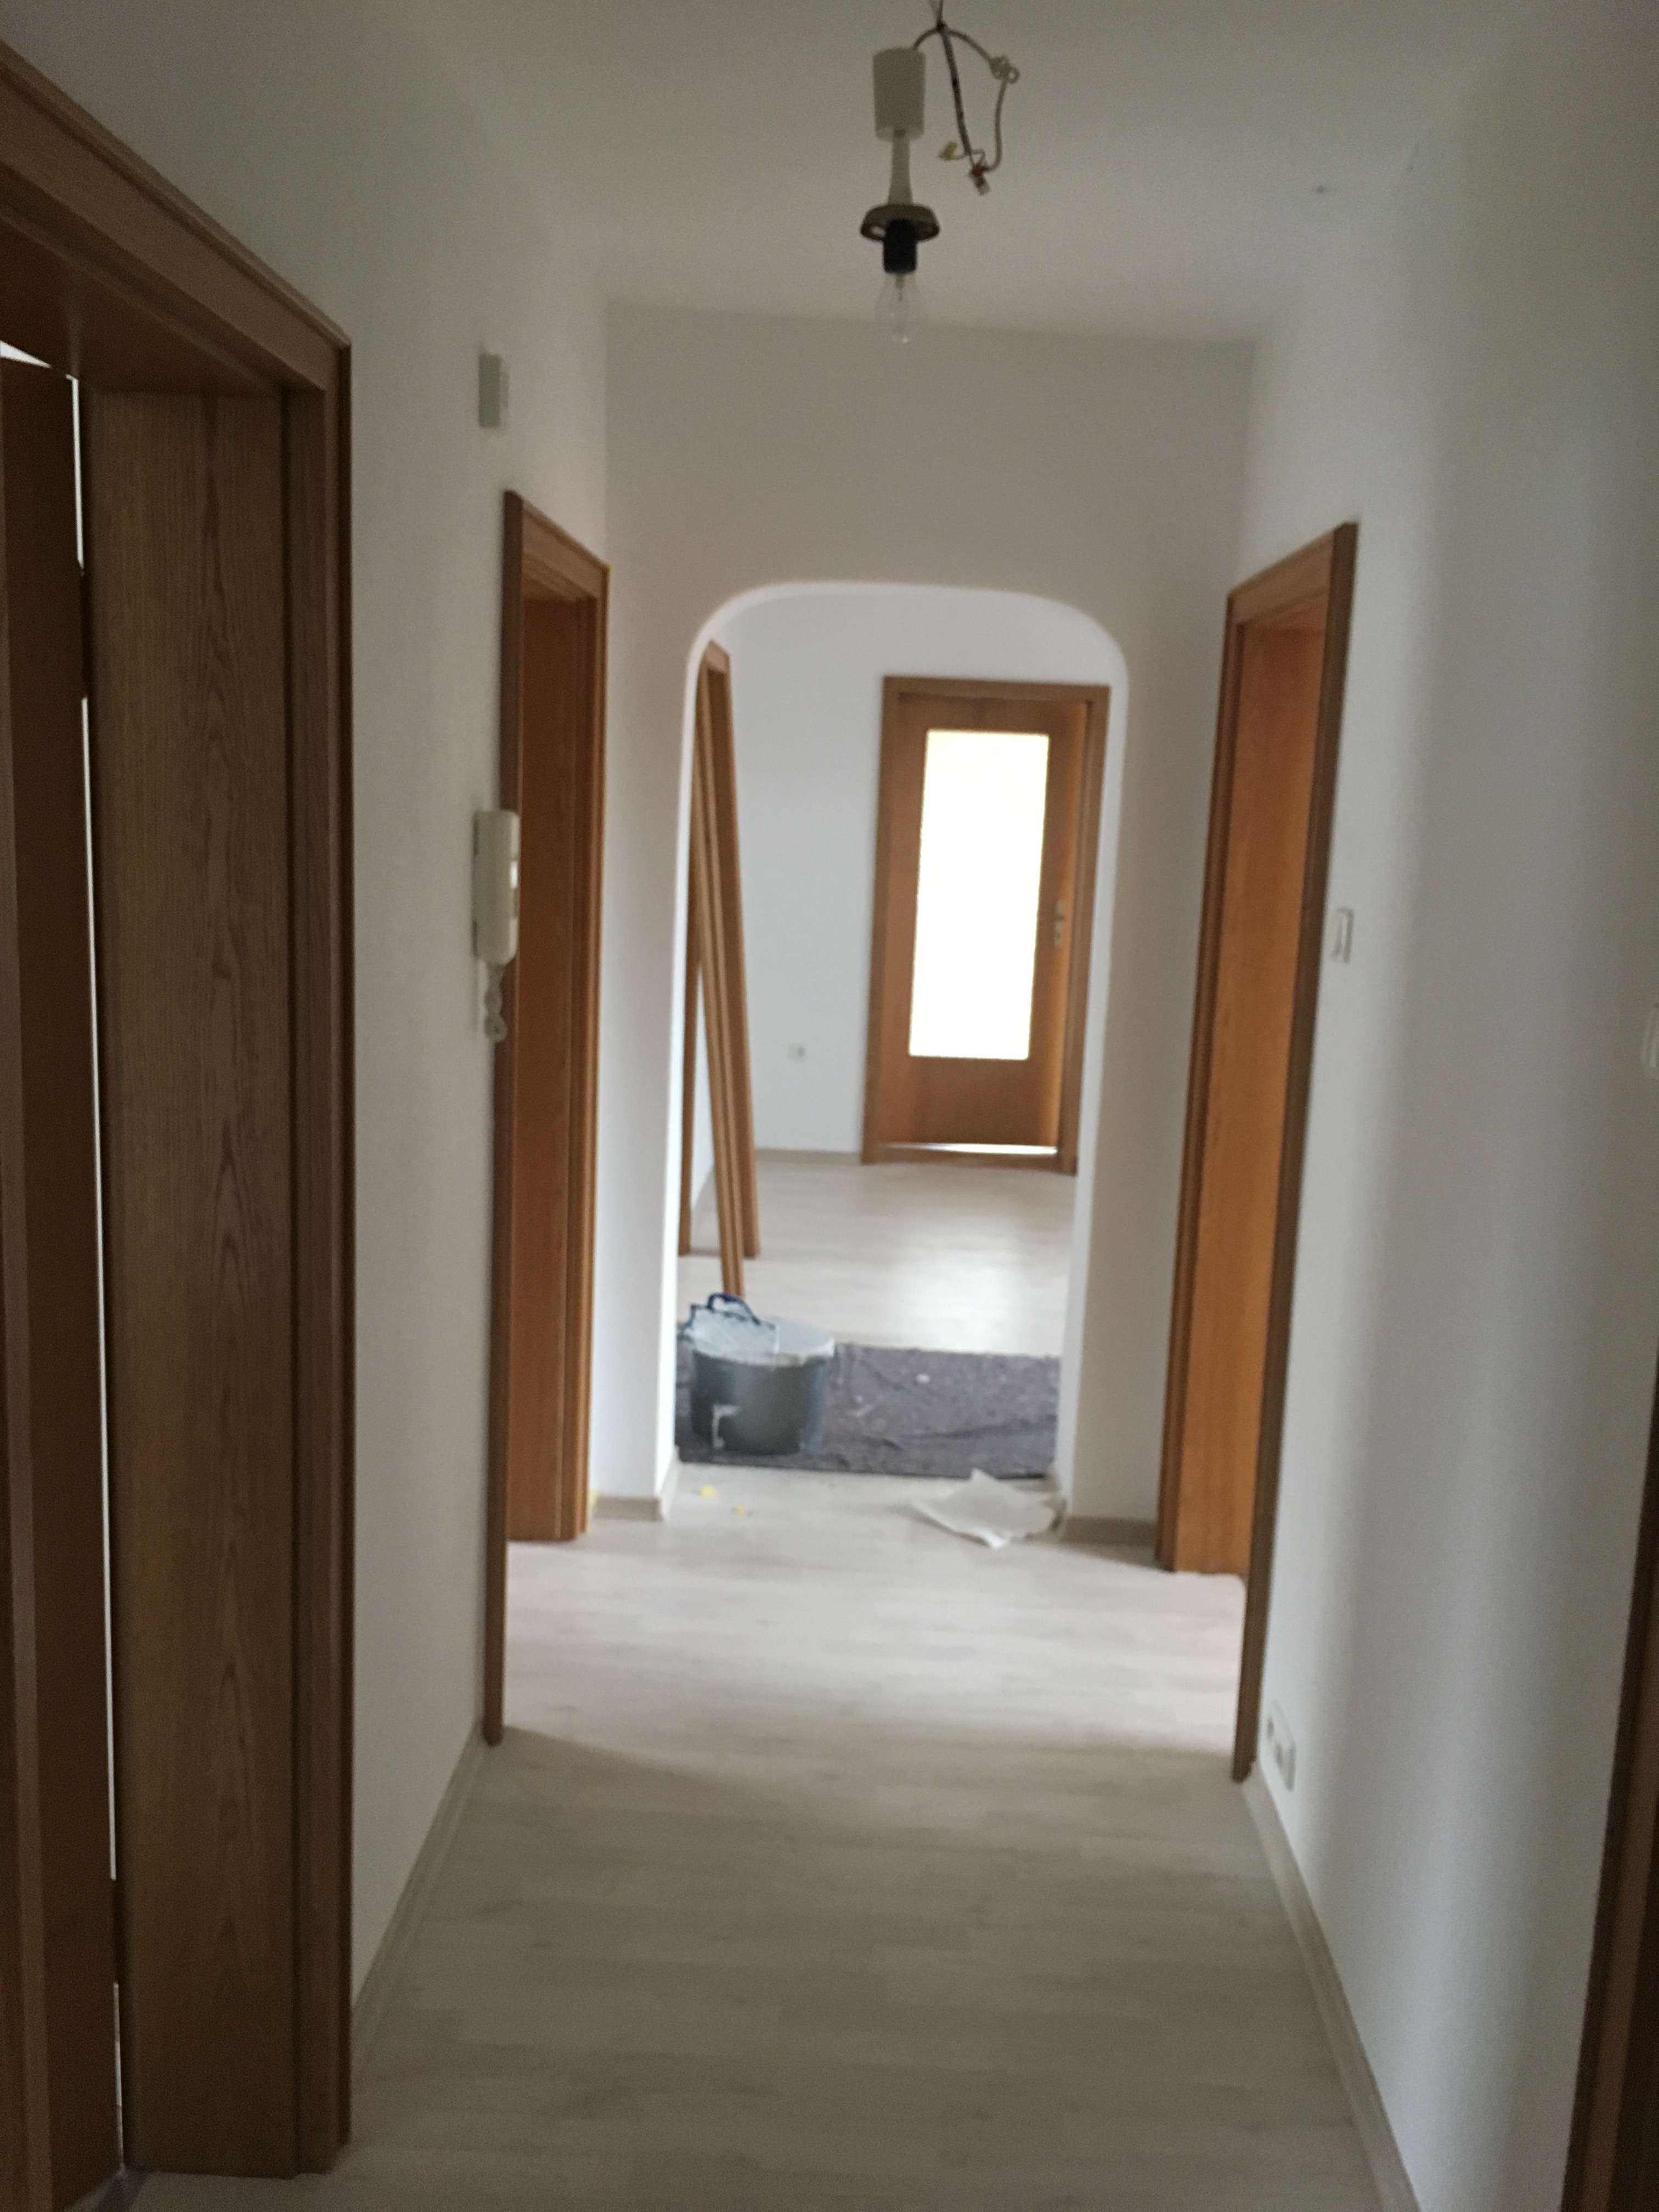 Schöne vier Zimmer Wohnung 1.OG gute Lage in Hallstadt in